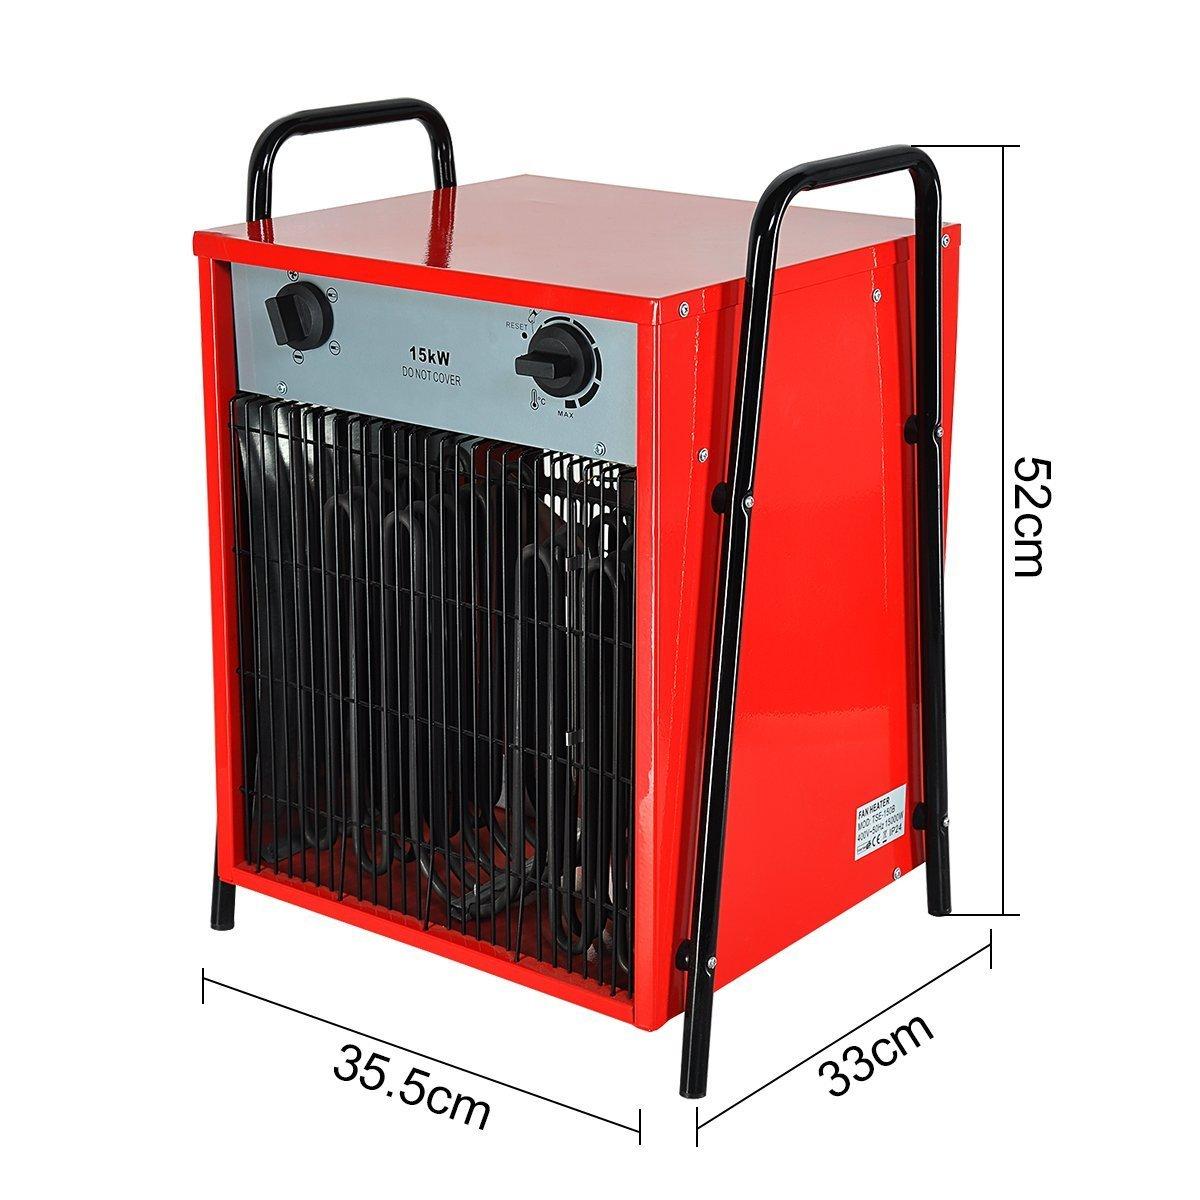 Happyjoy Ventilador del calentador Ventilador del calentador eléctrico Generador de aire caliente Ventilador industrial Calentador (máximo 15 kW, ...